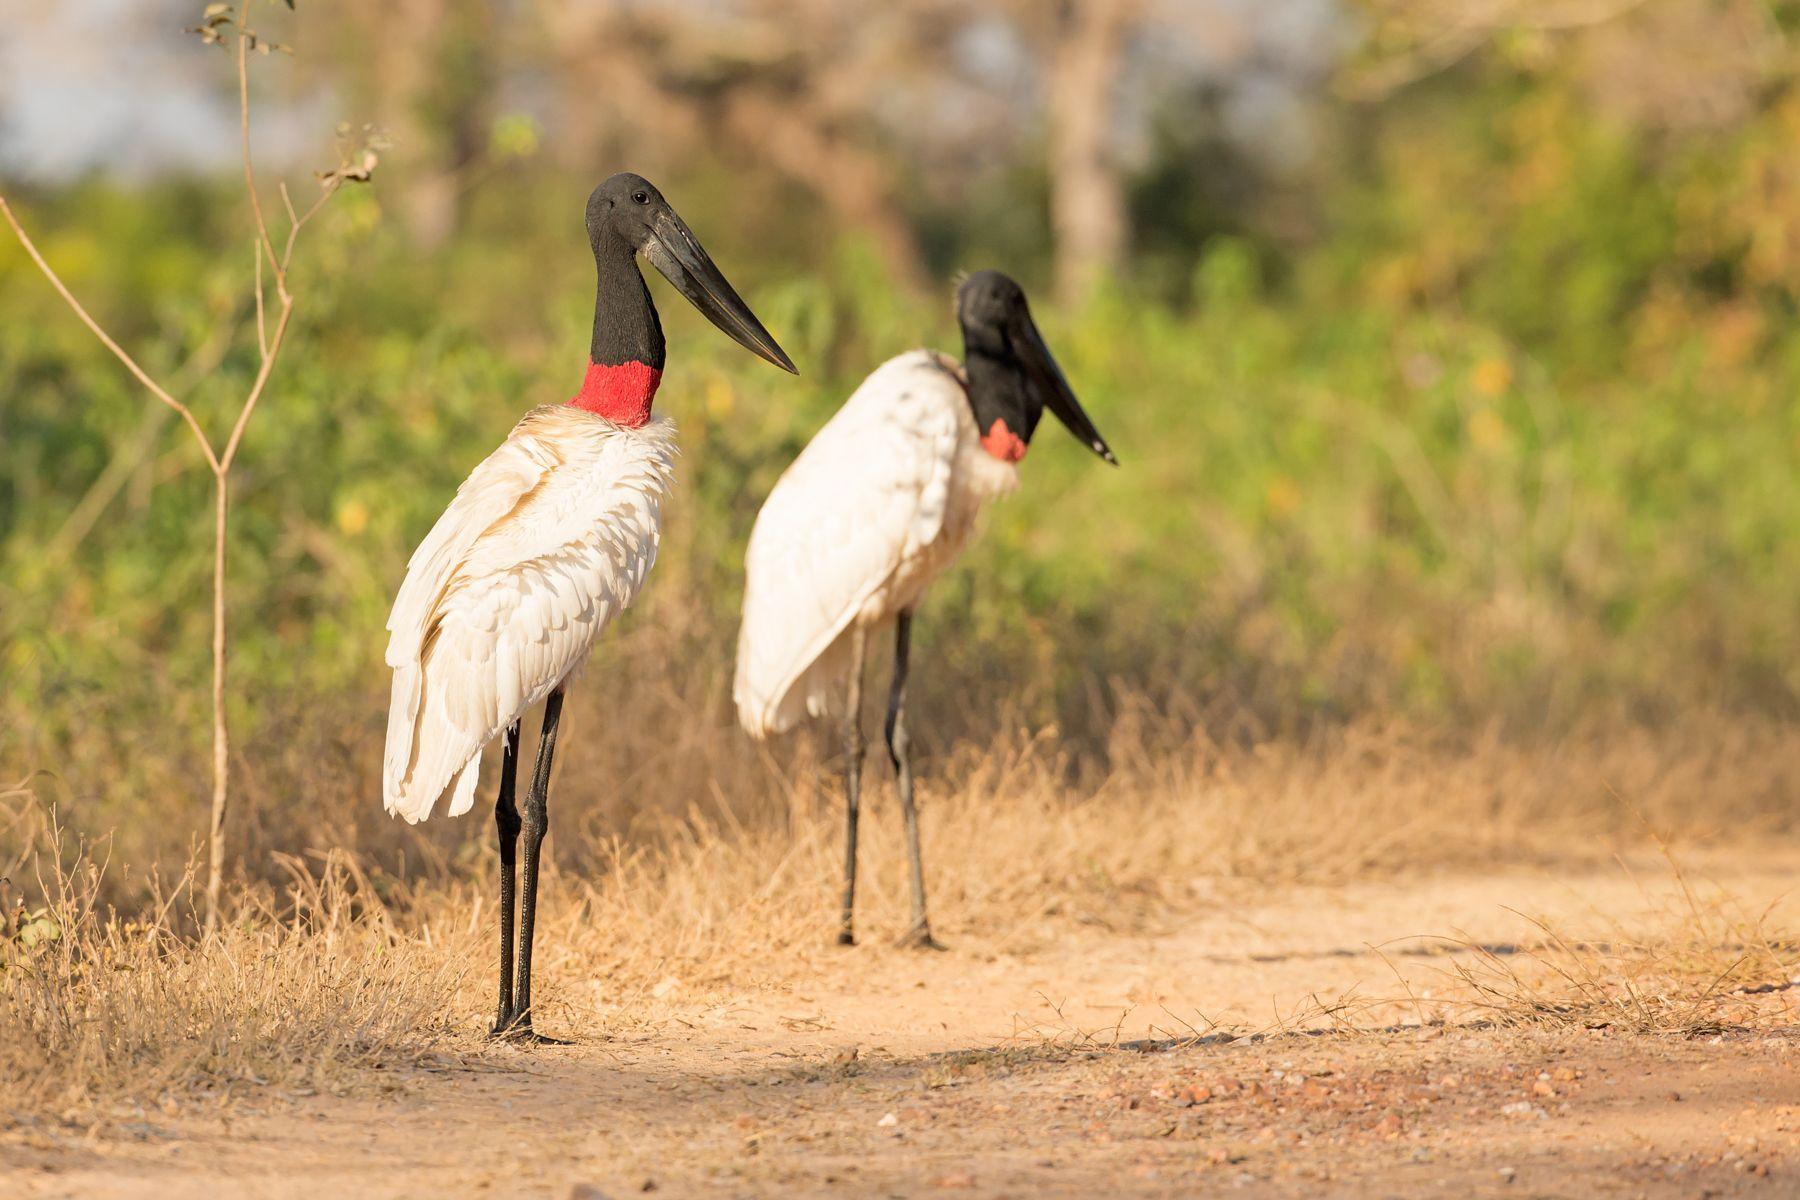 The huge Jabiru stork stands as tall as a man